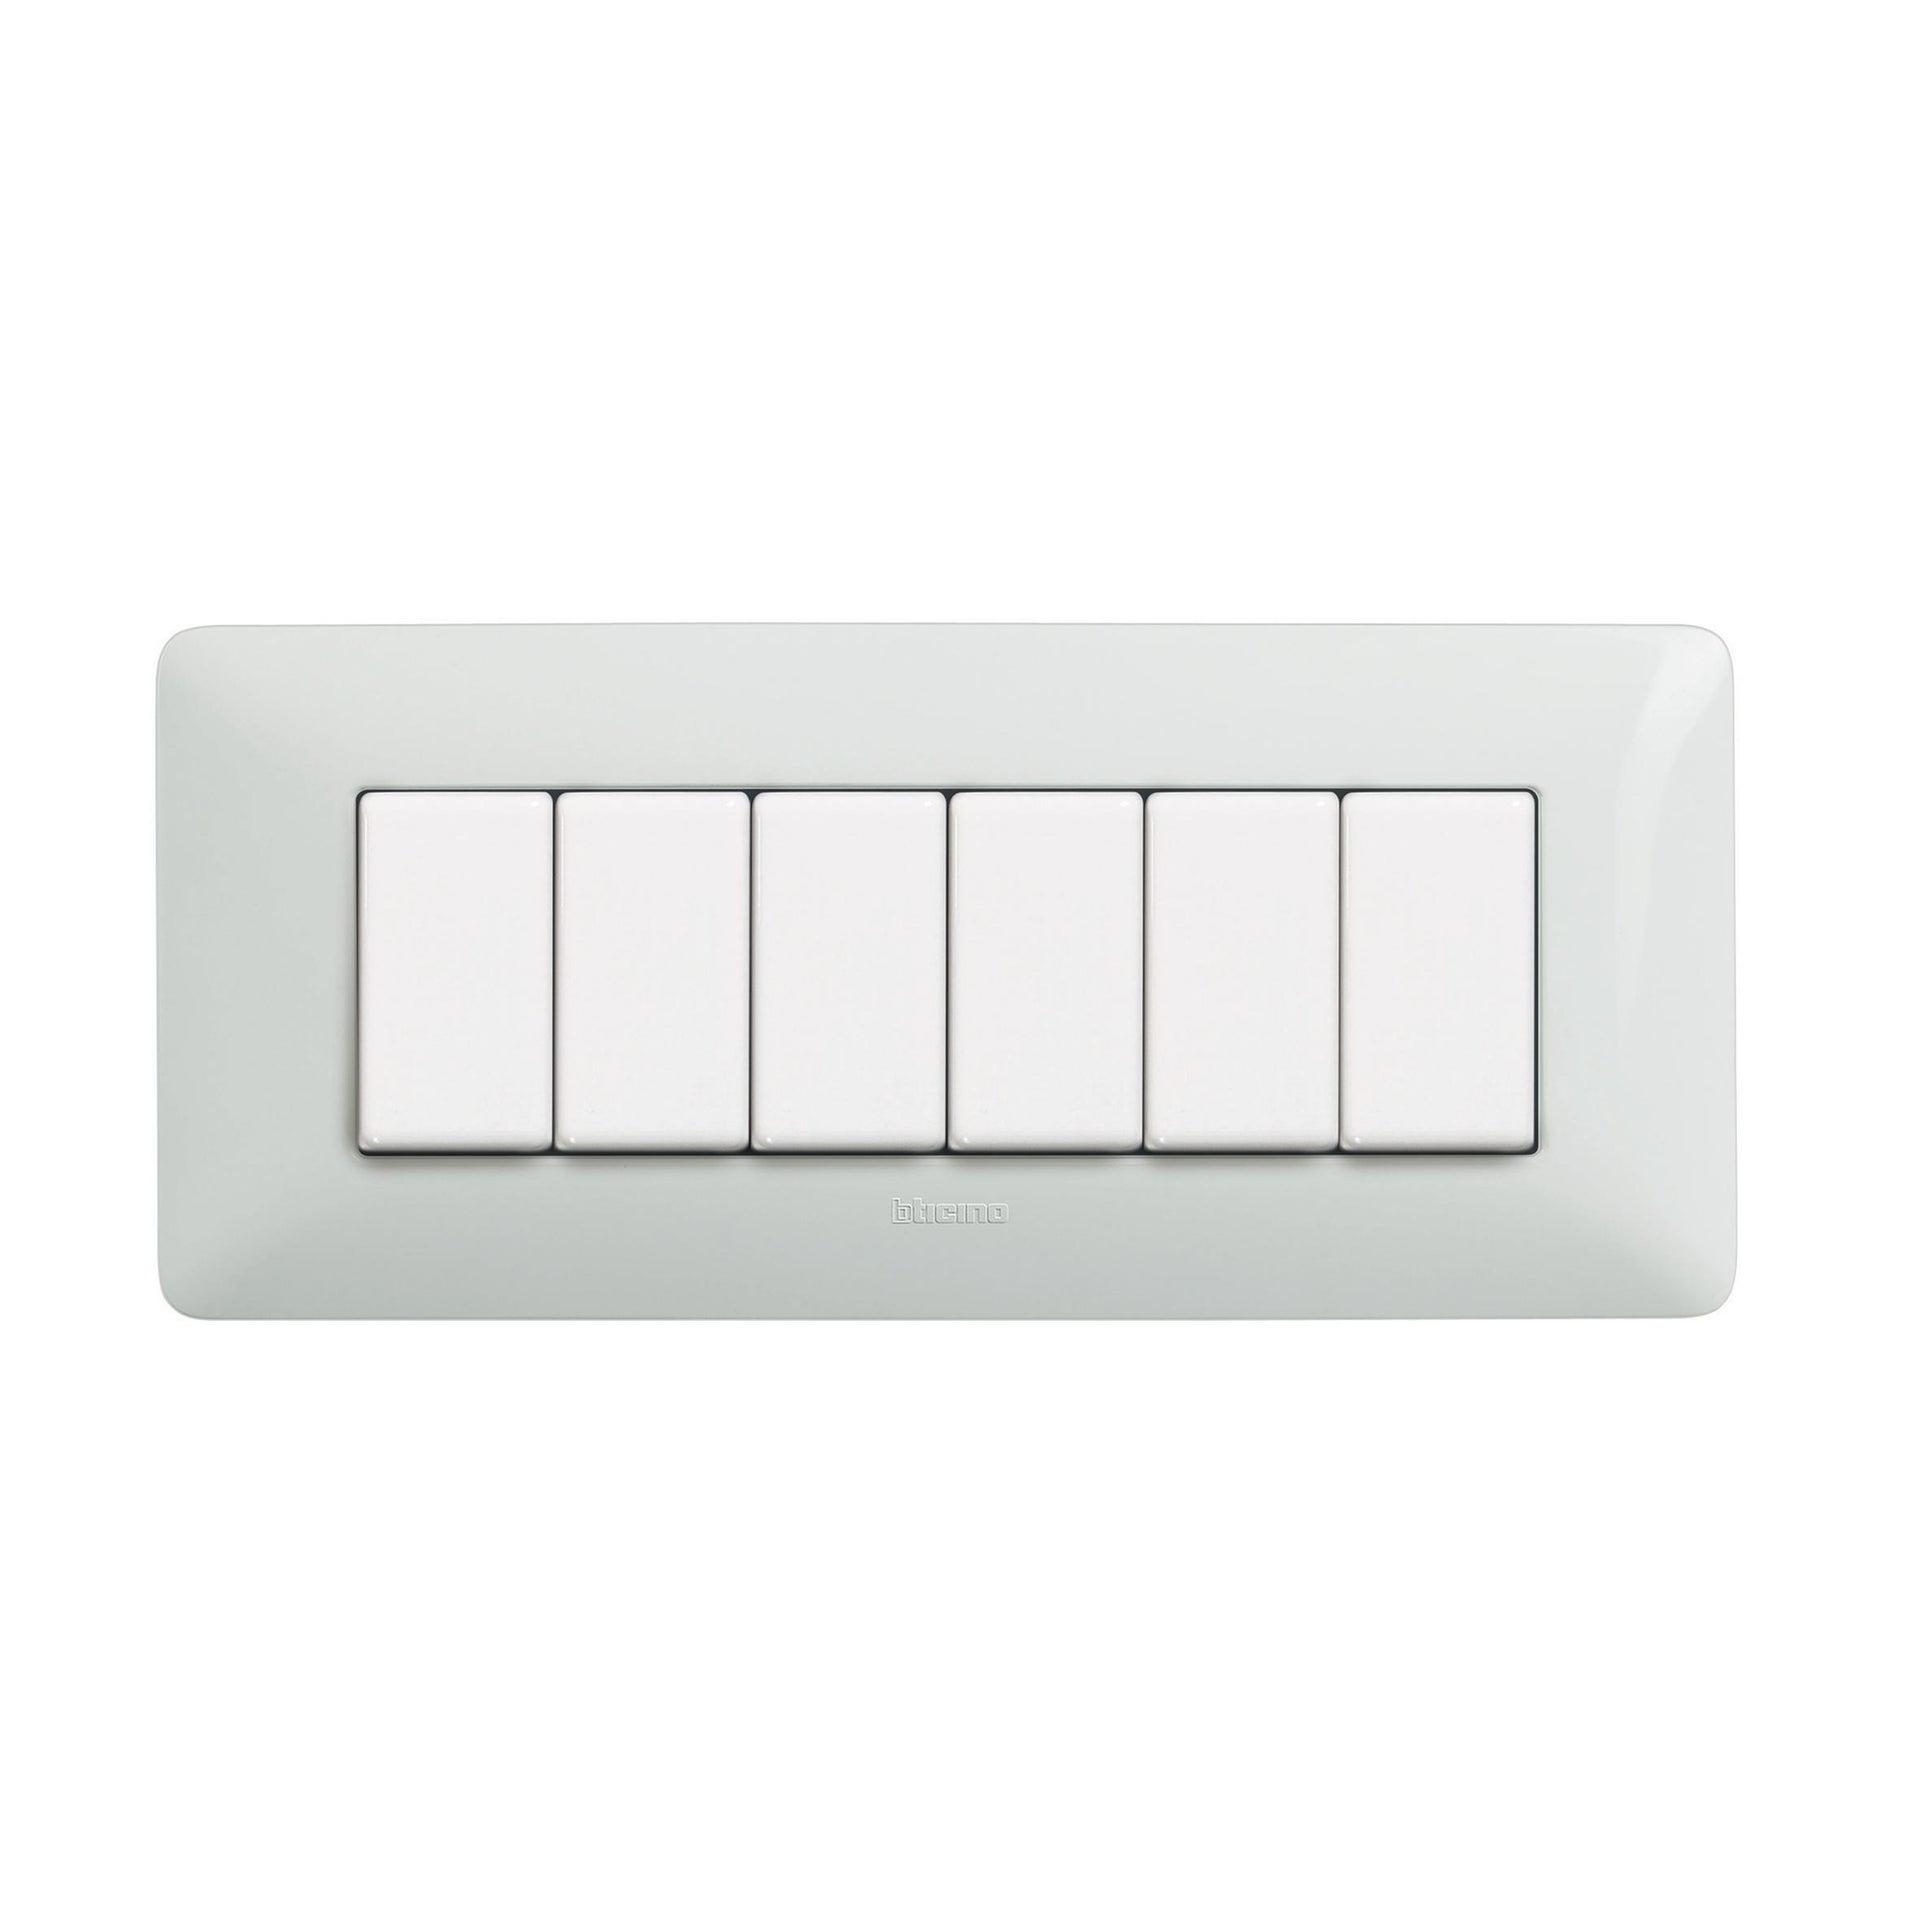 Placca Matix BTICINO 6 moduli bianco - 2